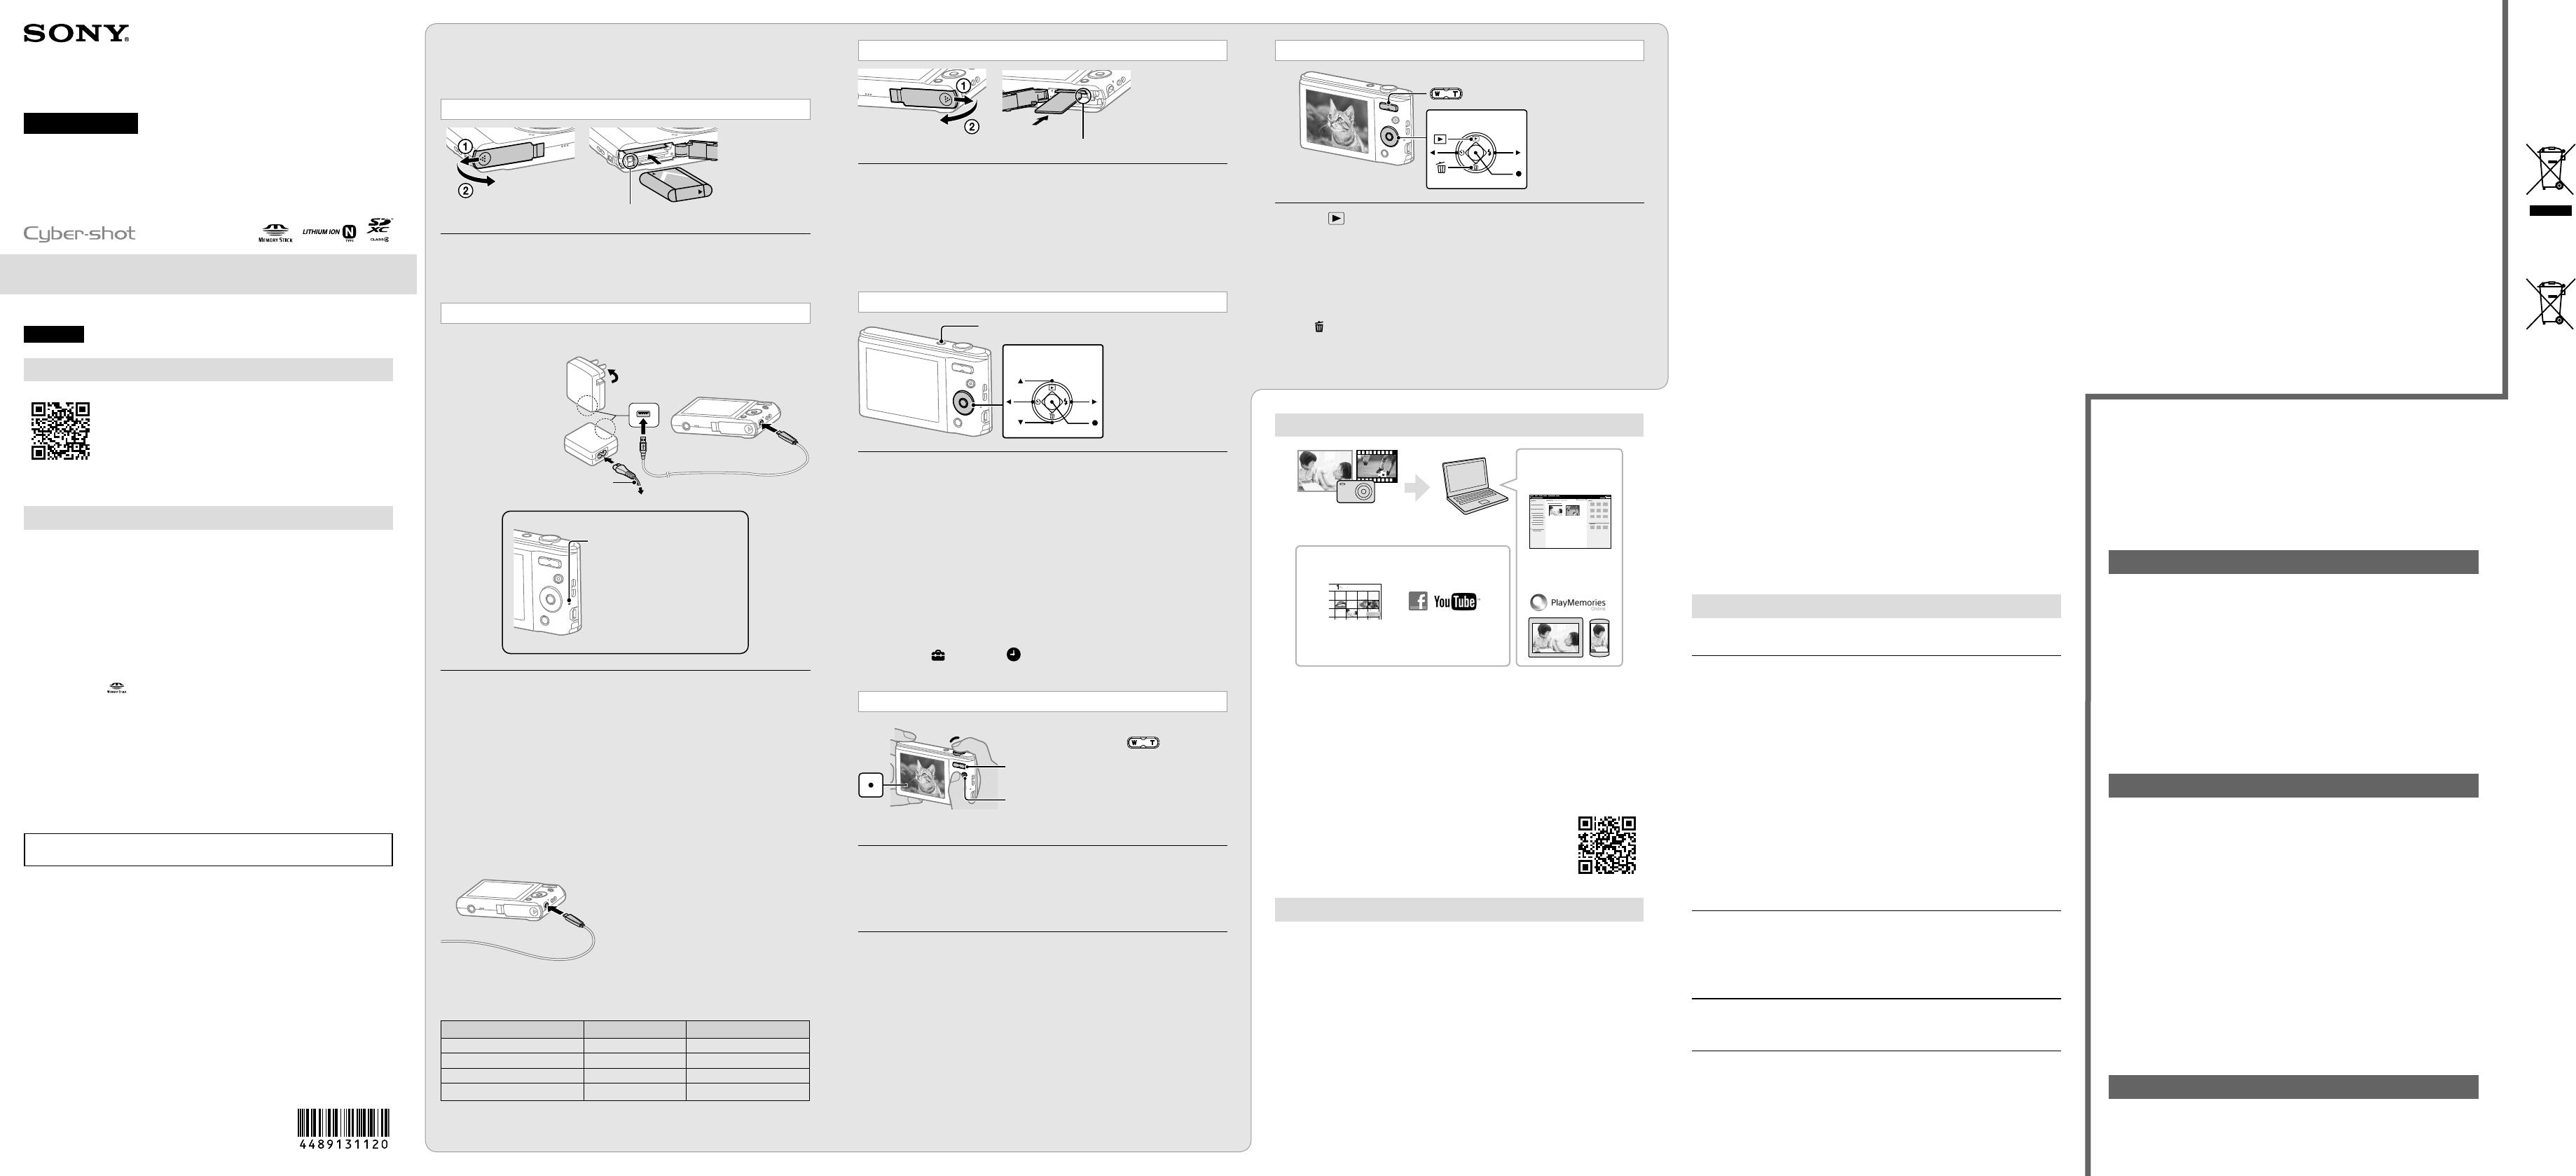 Sony Cybershot Dsc W810 Manual Cyber Shot